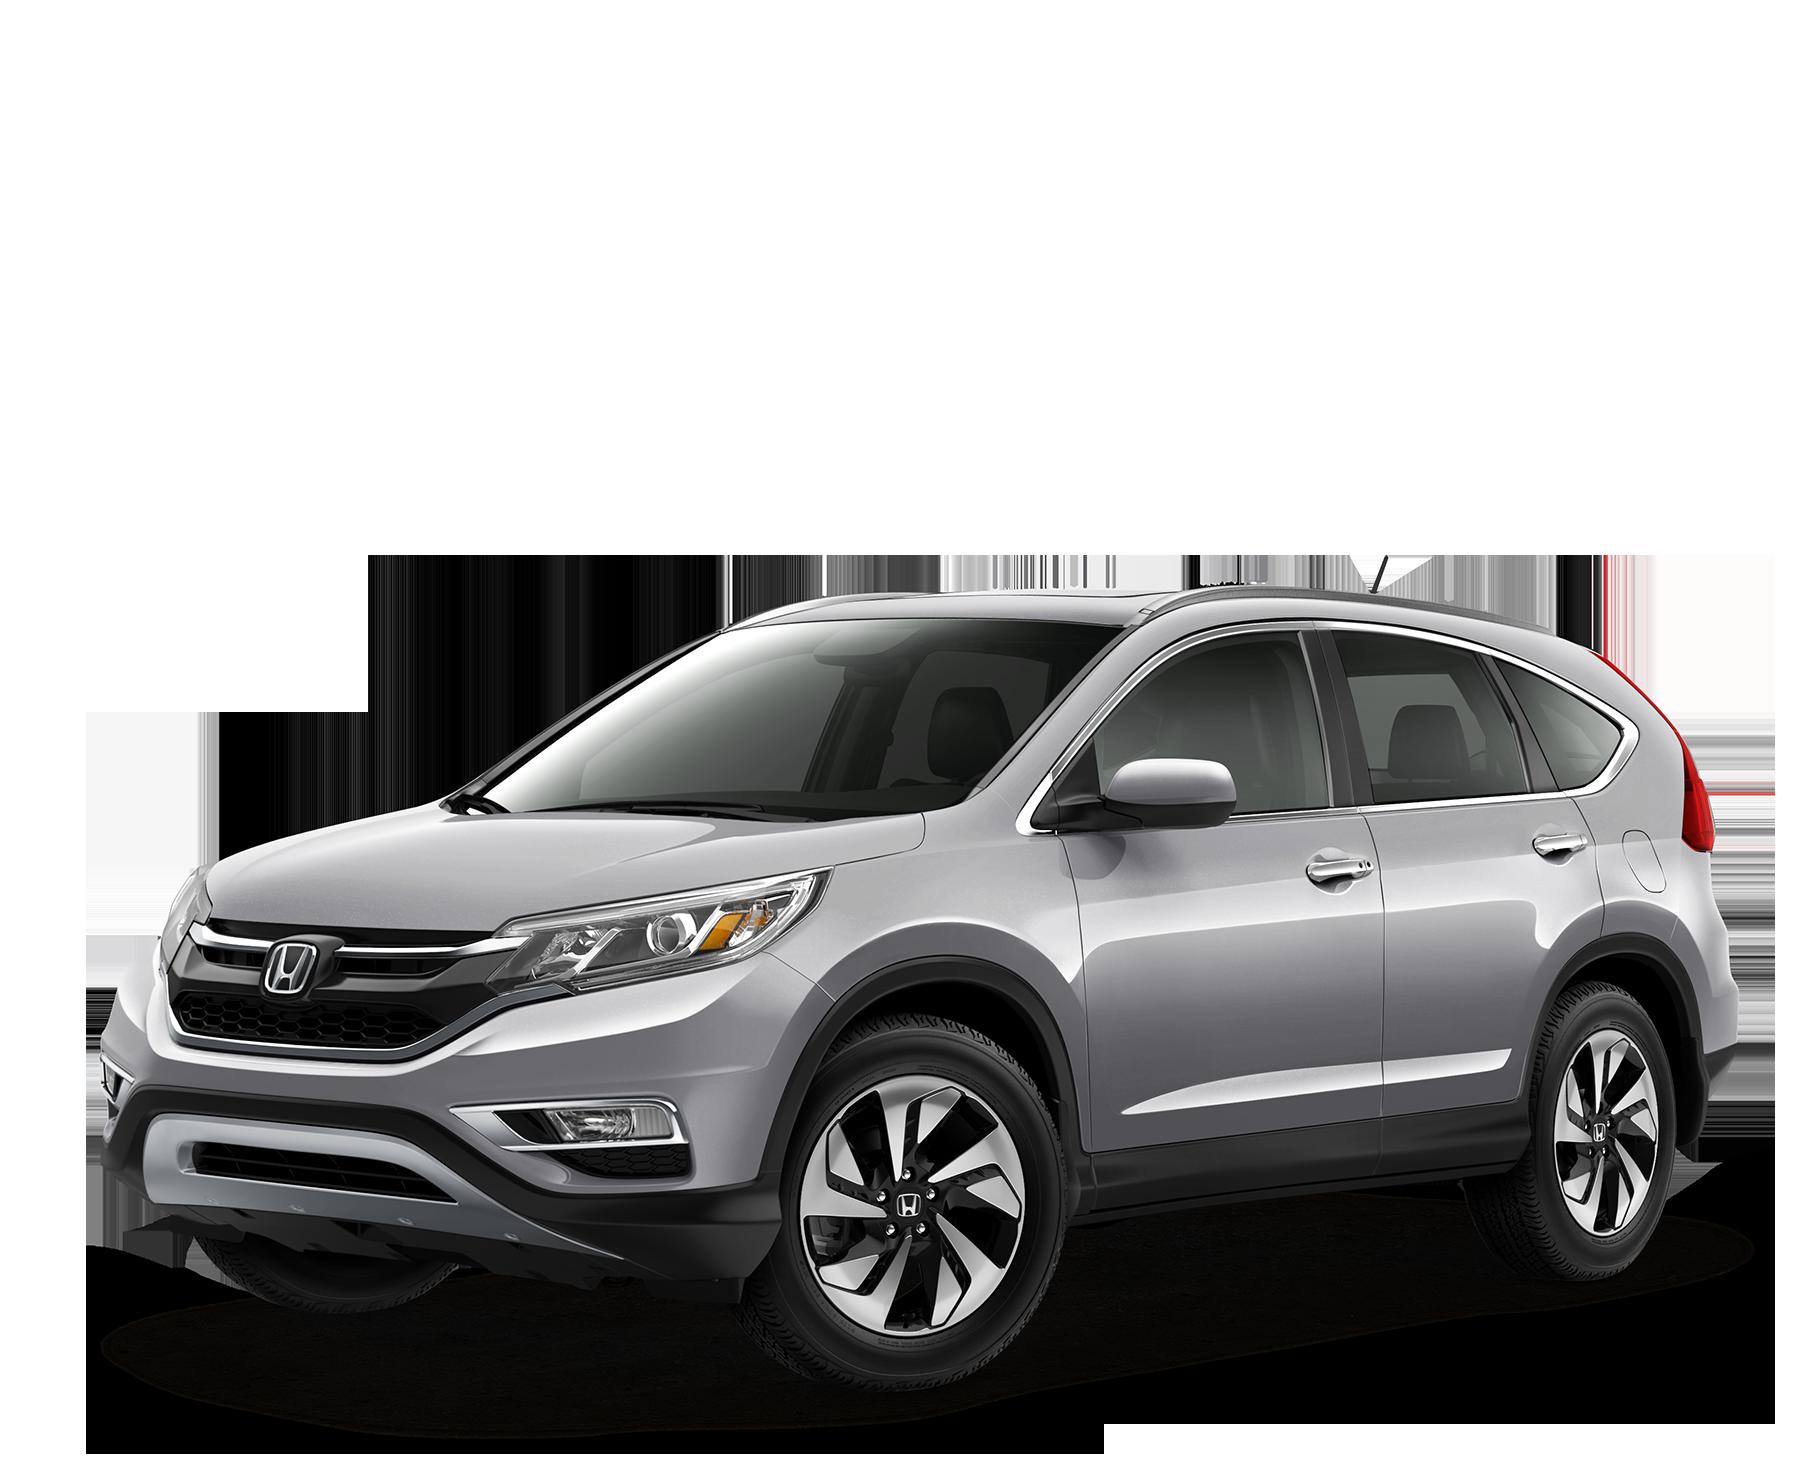 Introducing the new 2015 Honda CRV! Honda CRV